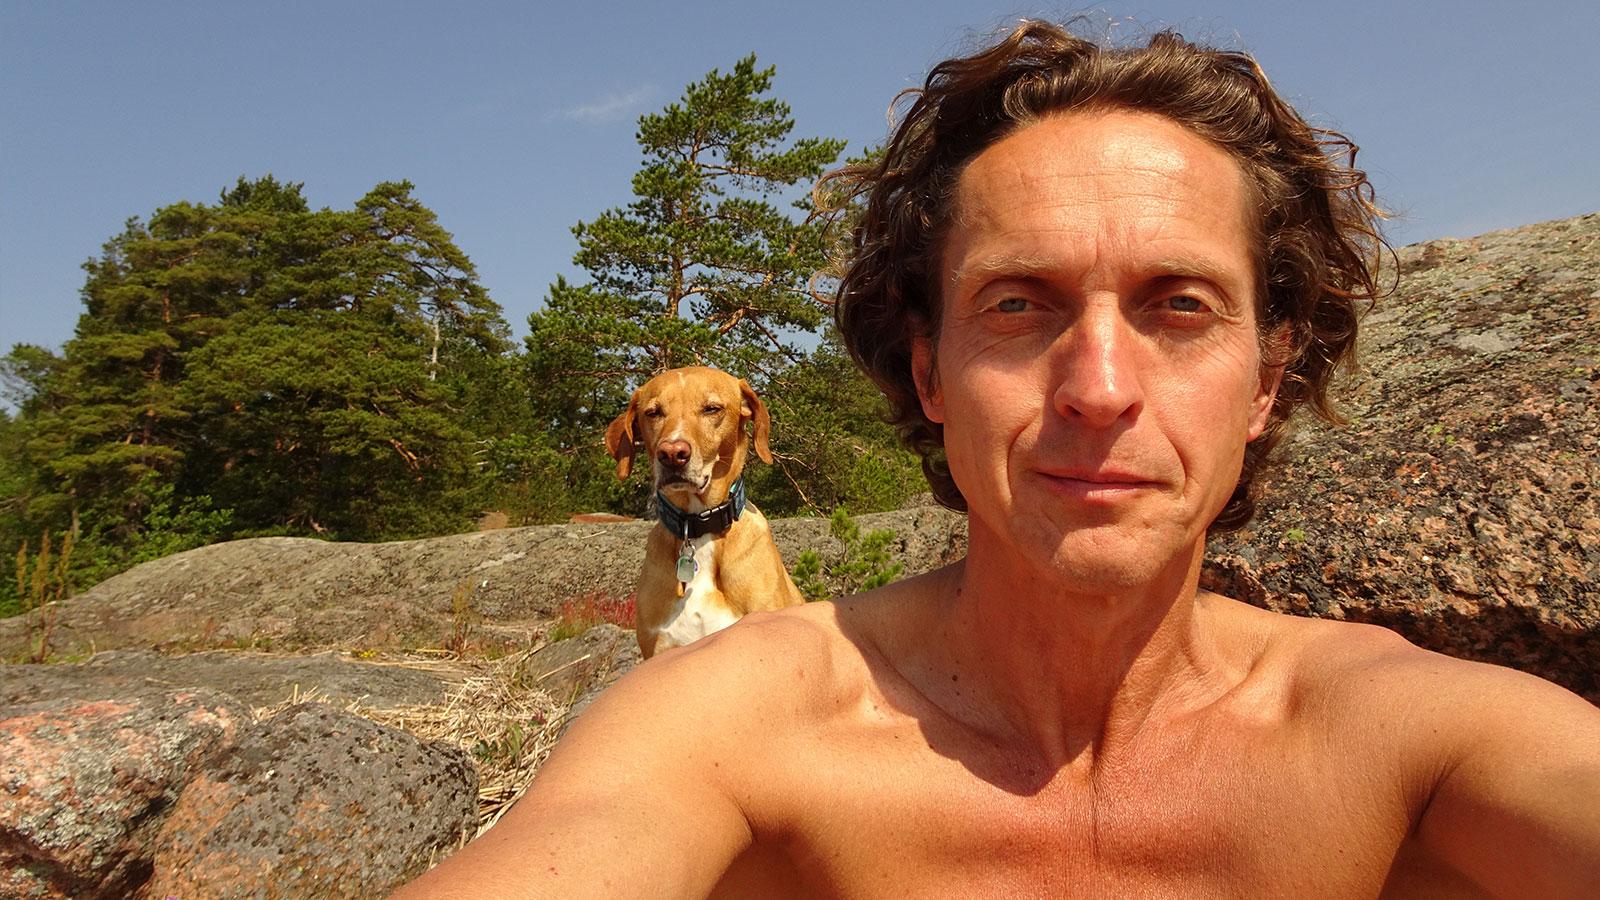 Xena und Udo genießen die warmen Sonnenstrahlen in Estland